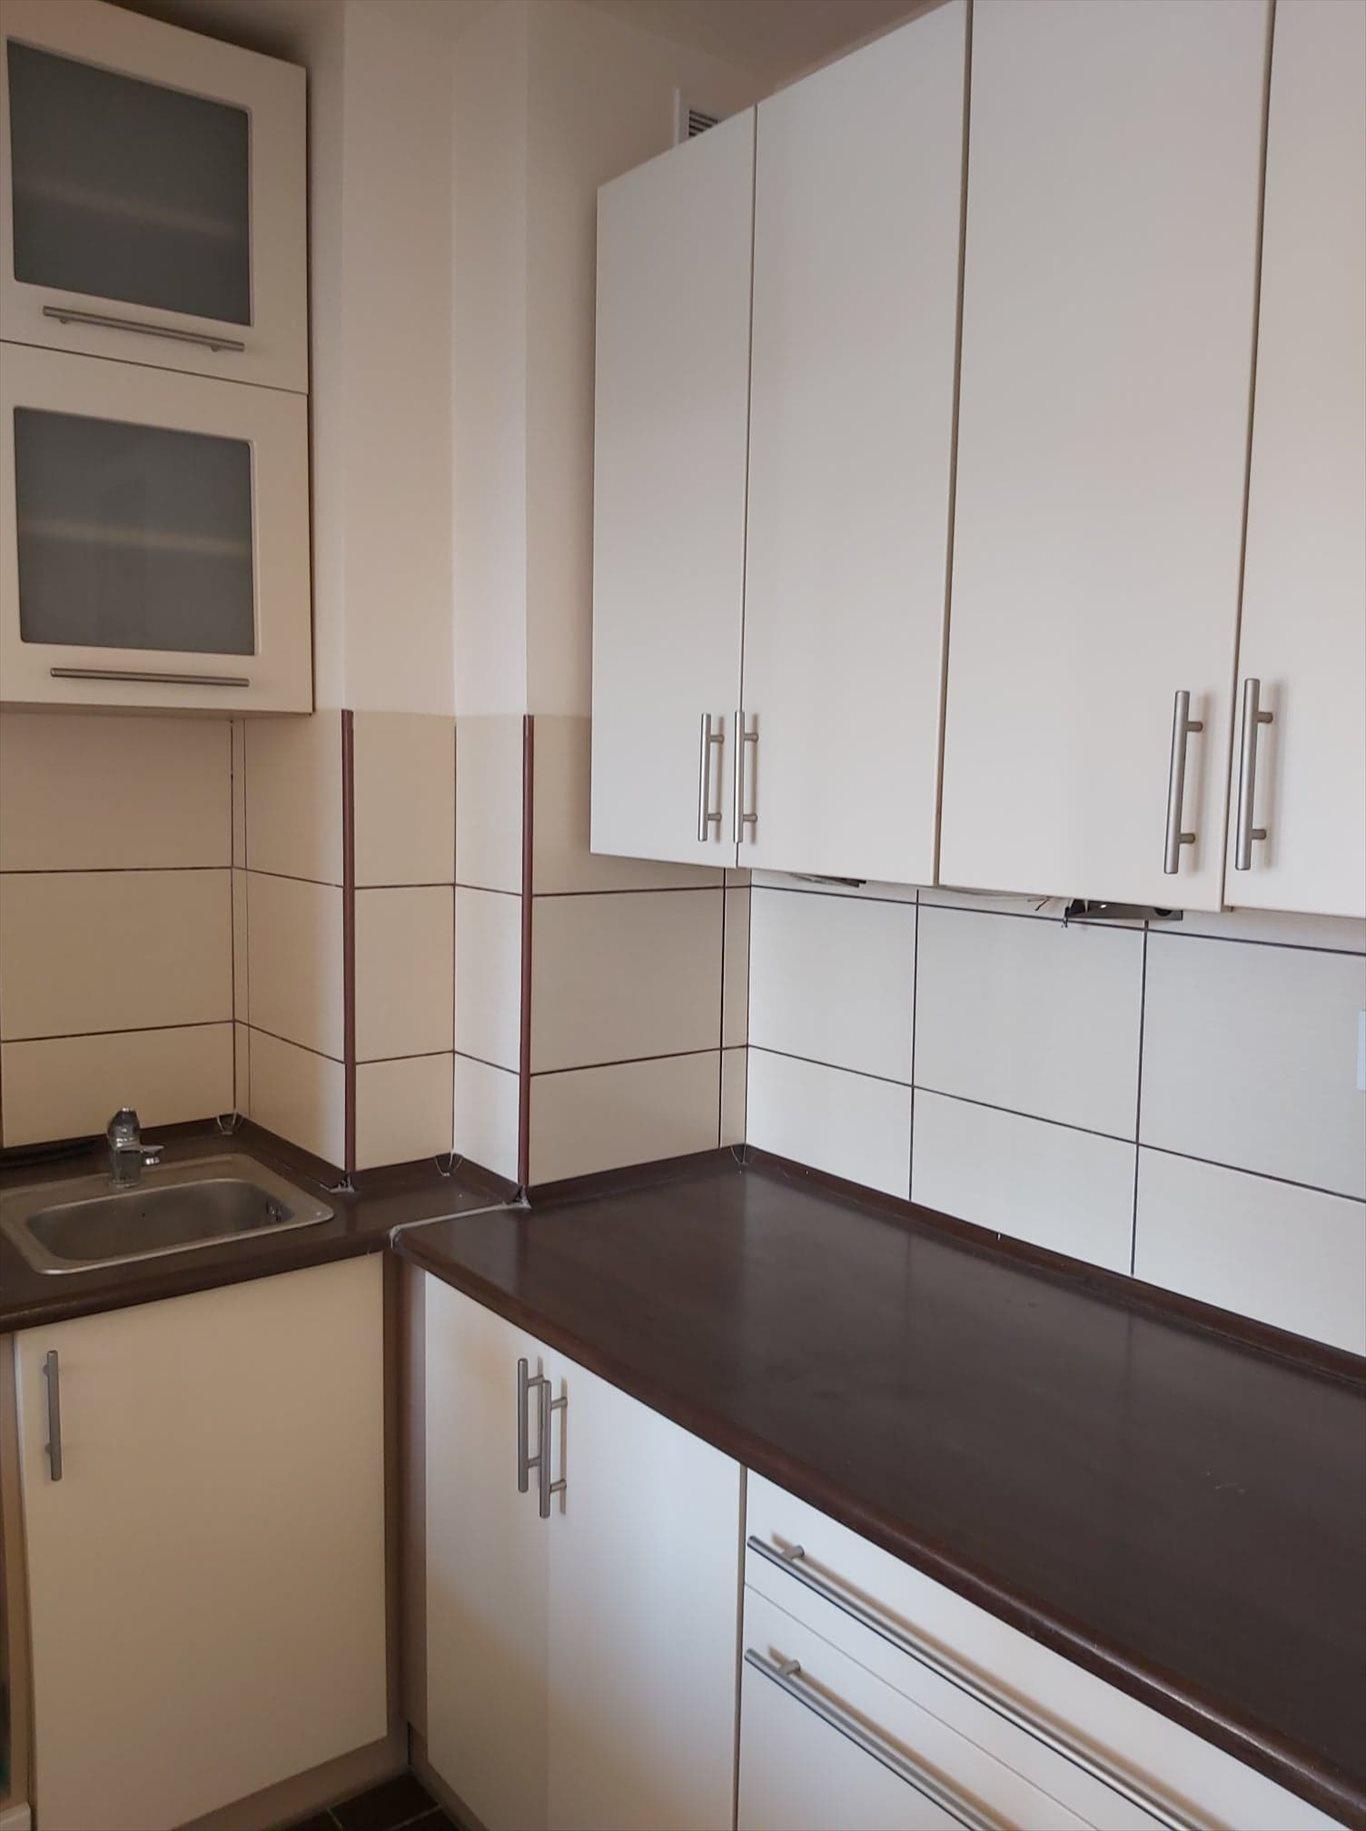 Mieszkanie dwupokojowe na sprzedaż Warszawa, Wola, Ulrychów, Okocimska  30m2 Foto 7